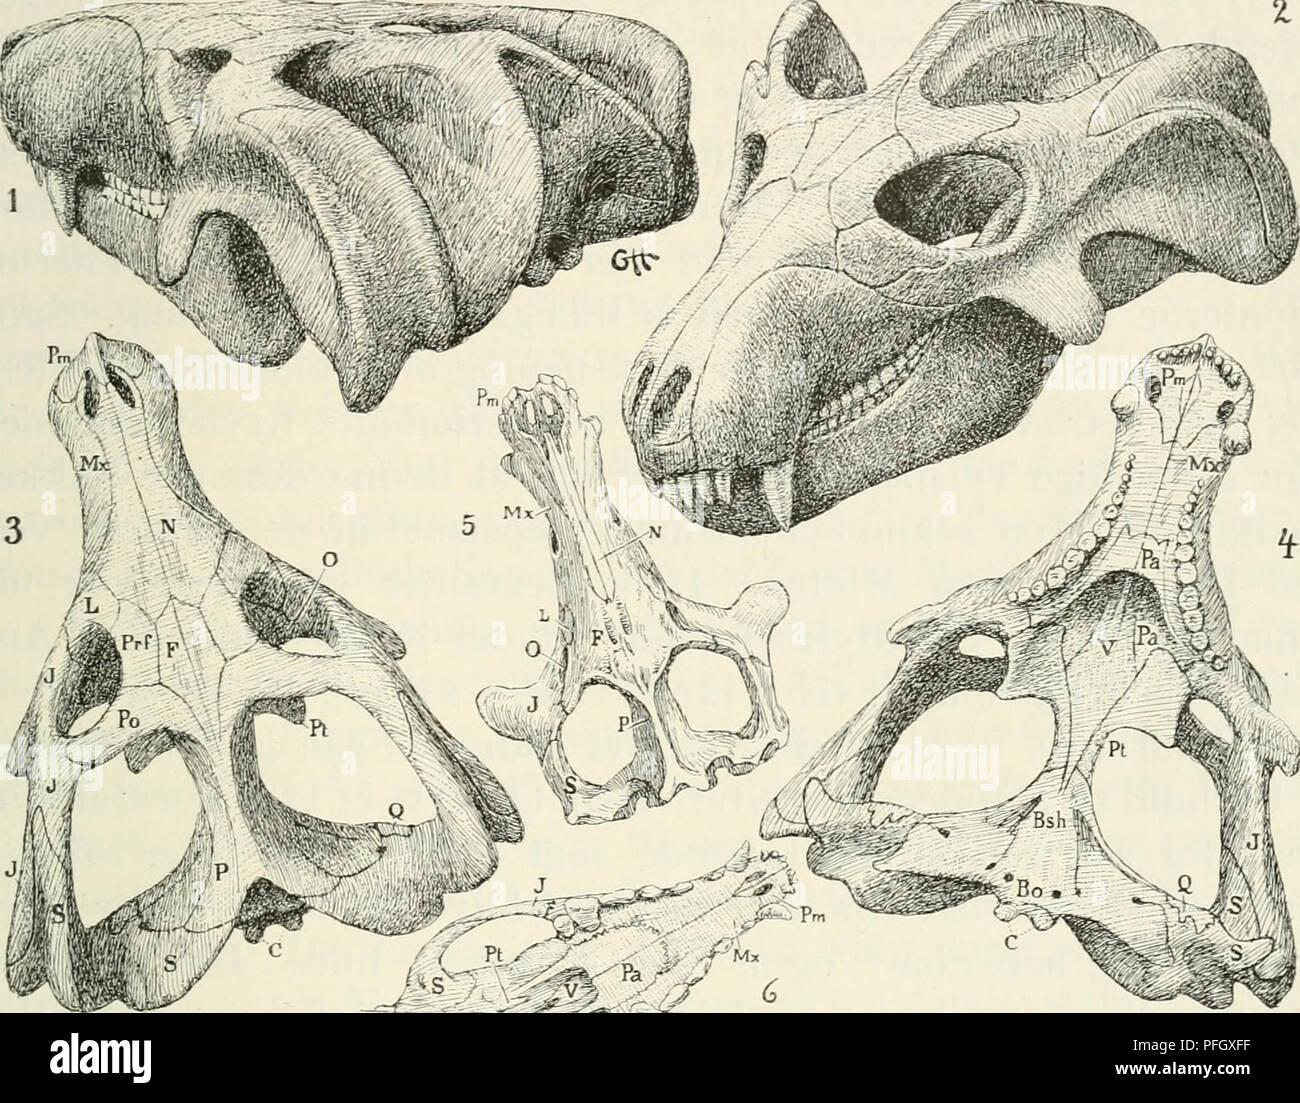 Forklare absolut dating af fossiler